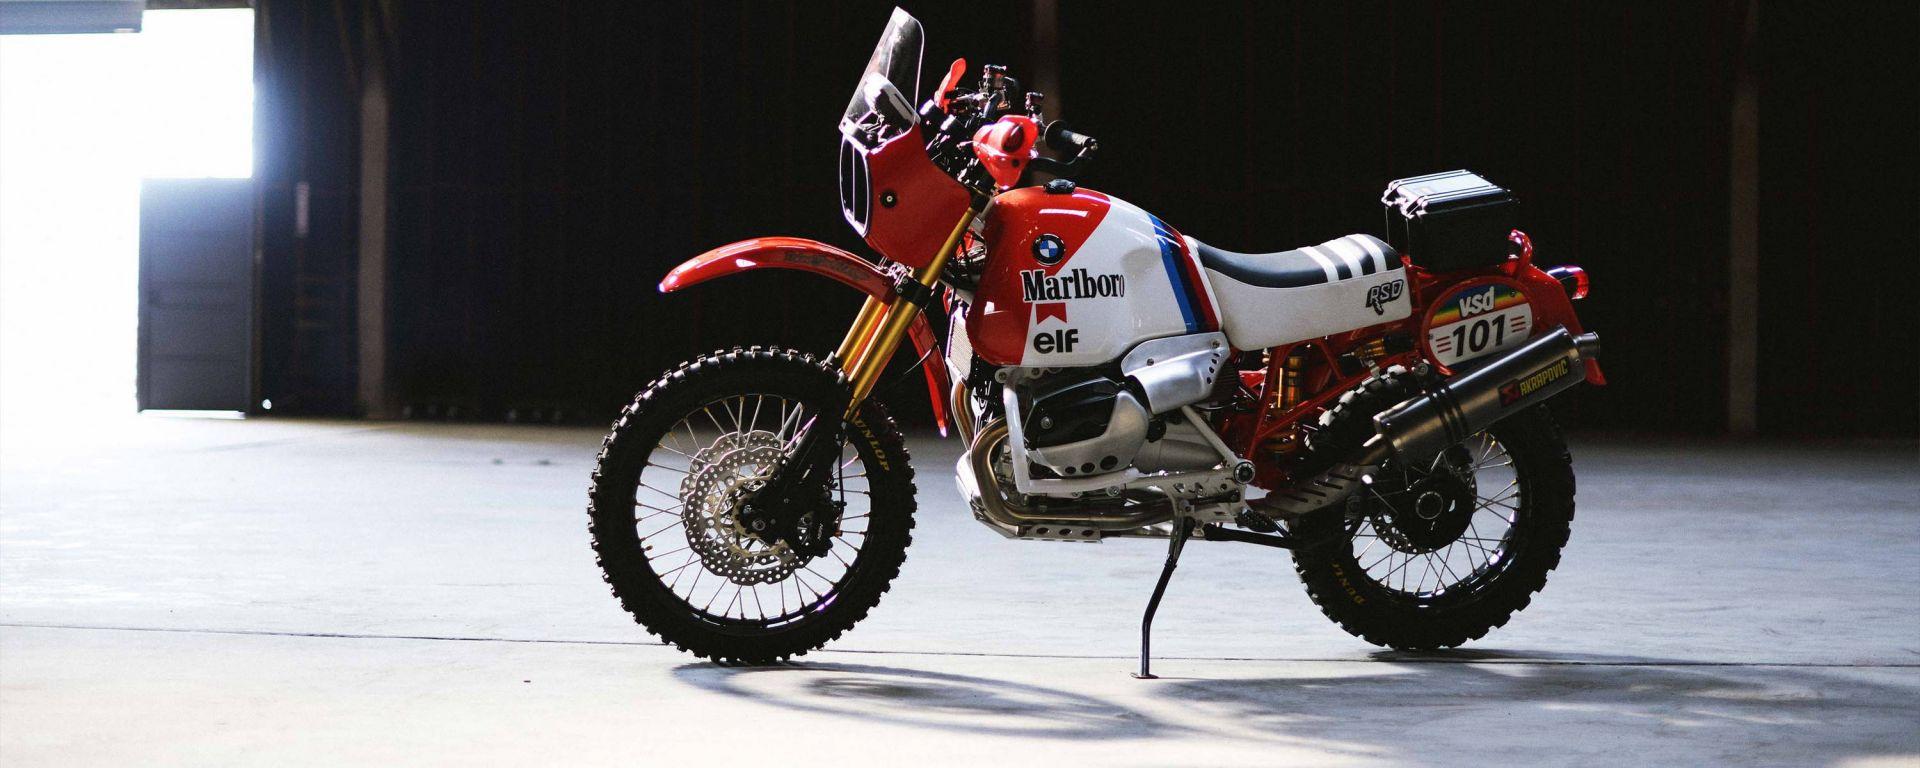 BMW GS Dakar: la R 1200 GS del 2008 modificata da Roland Sands